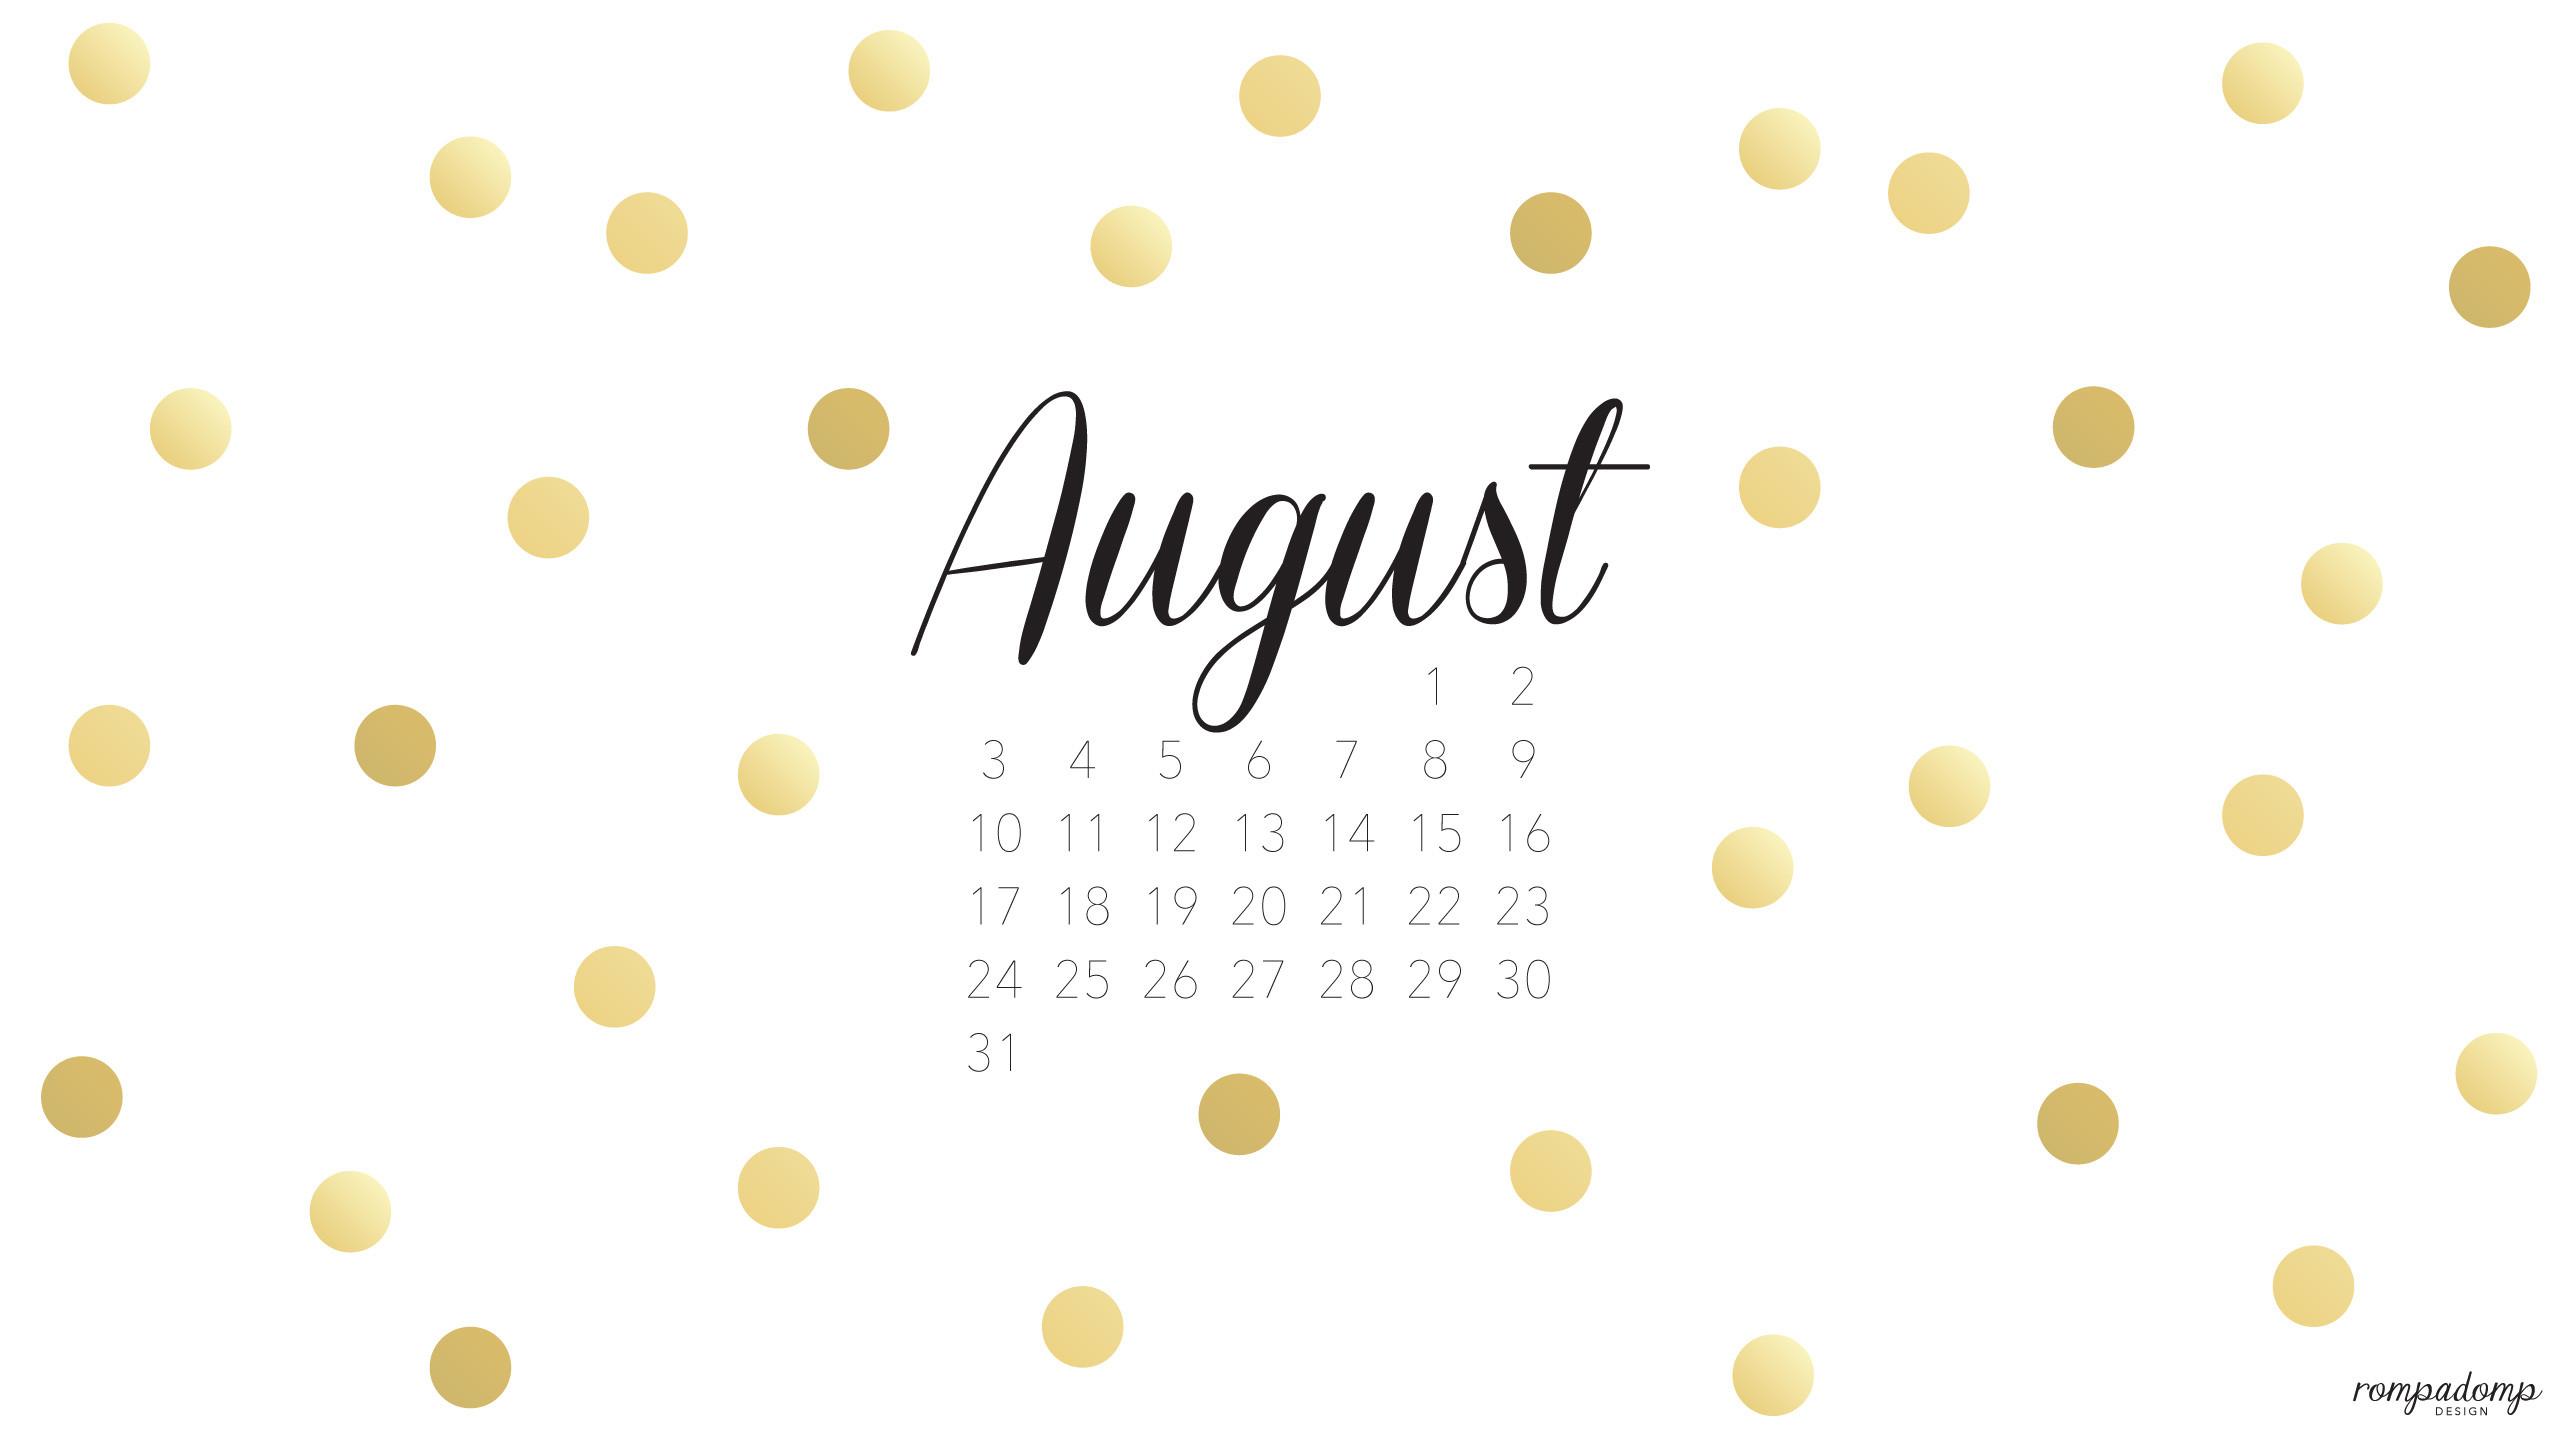 August 2014 Desktop Calendar Wallpaper